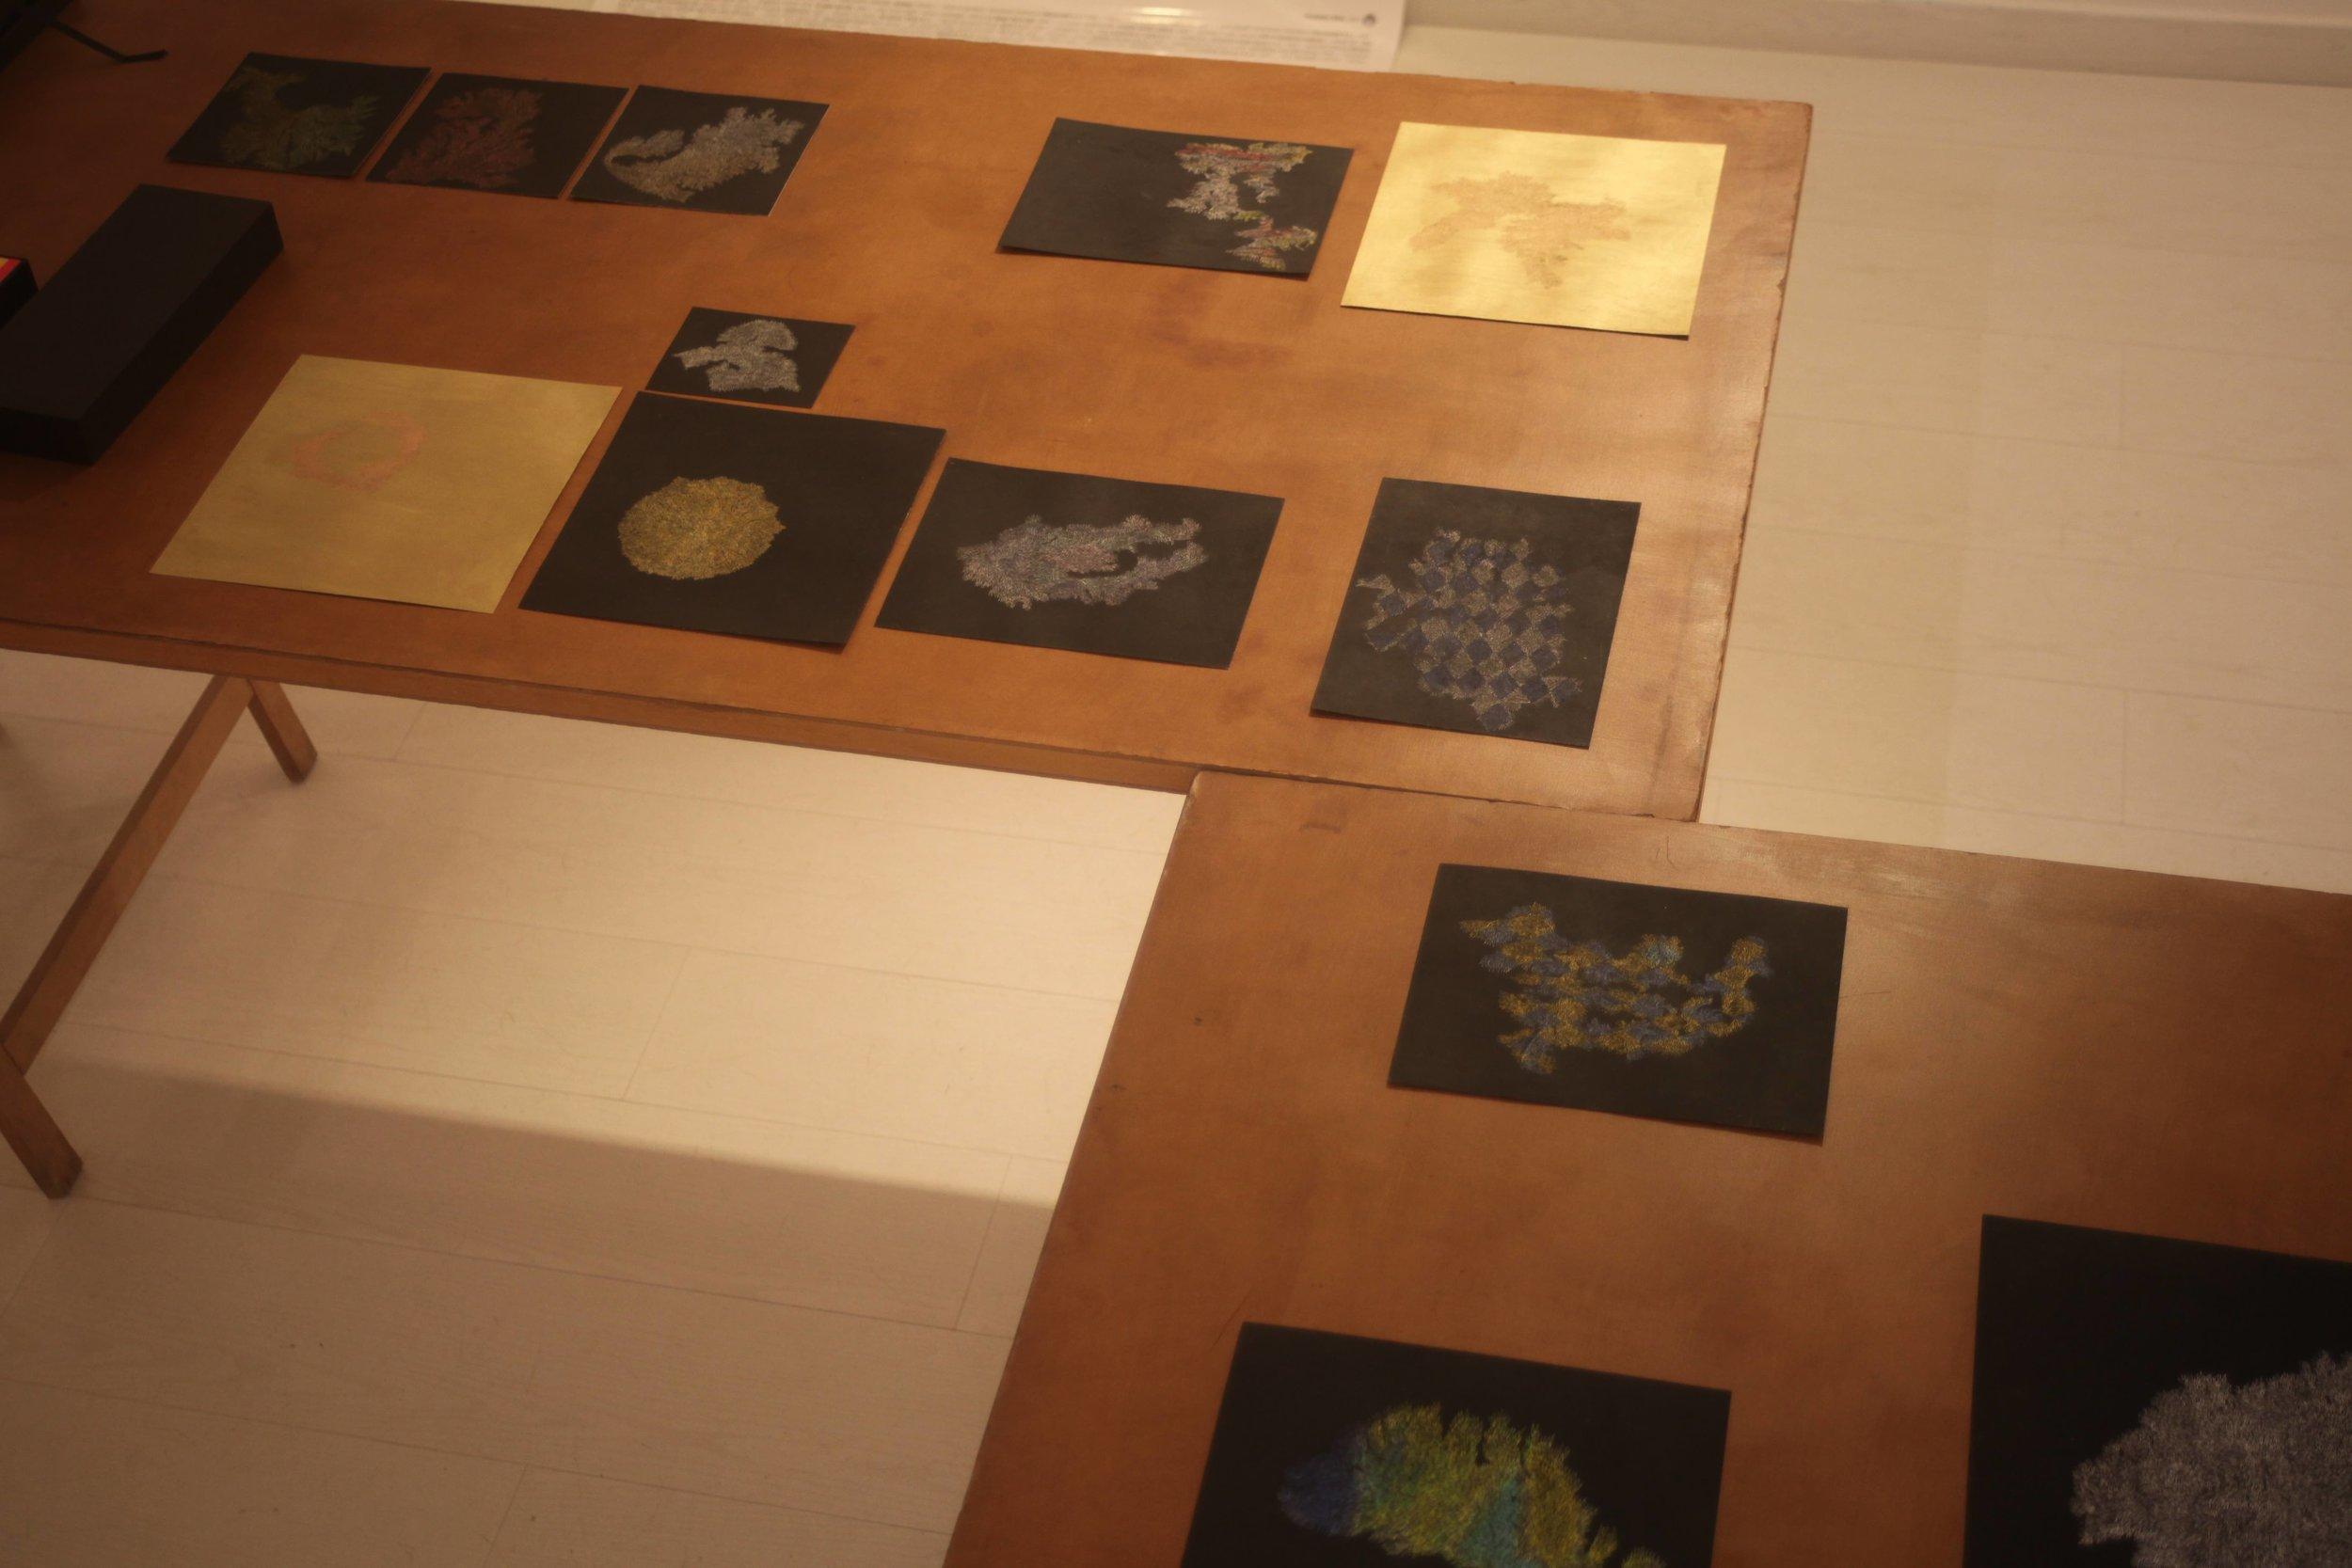 Pastels on Paper ,  Oil on Needle , 2017 Installation View during  Quelque chose comme le dessin  at L'Entrepôt Daniel Boeri Gallery, Monaco, MC.